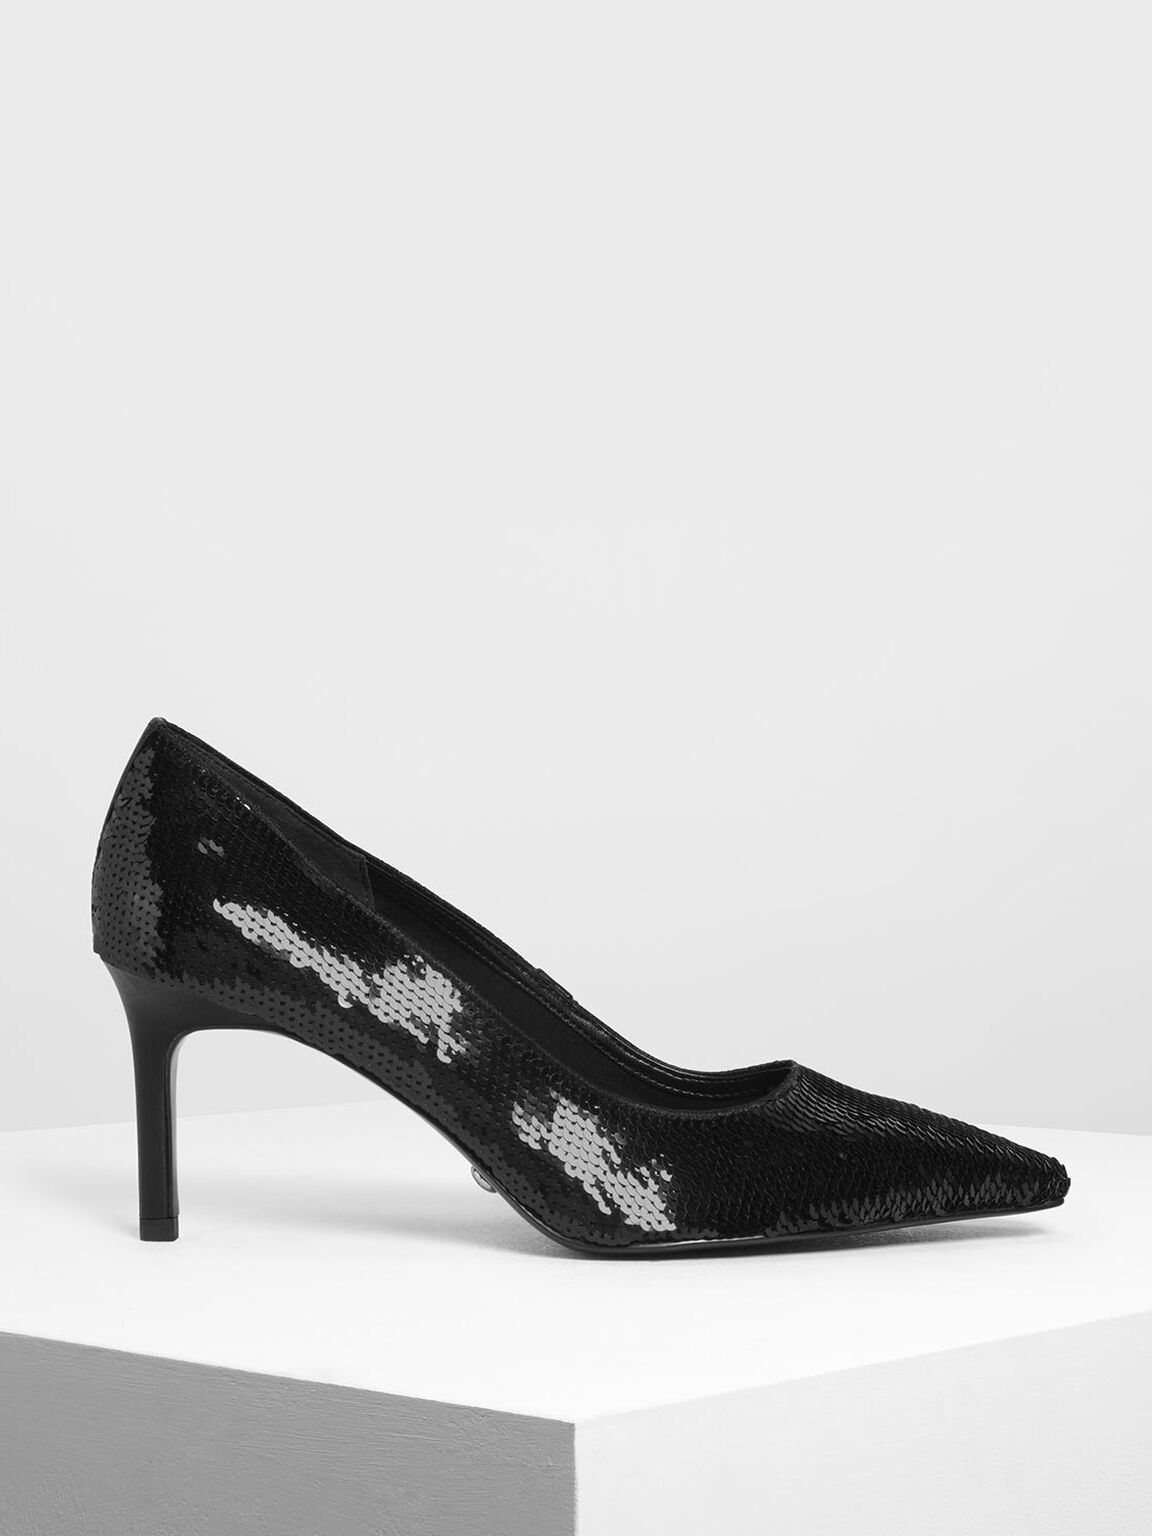 Sequin Mesh Pointed Toe Pumps, Black, hi-res